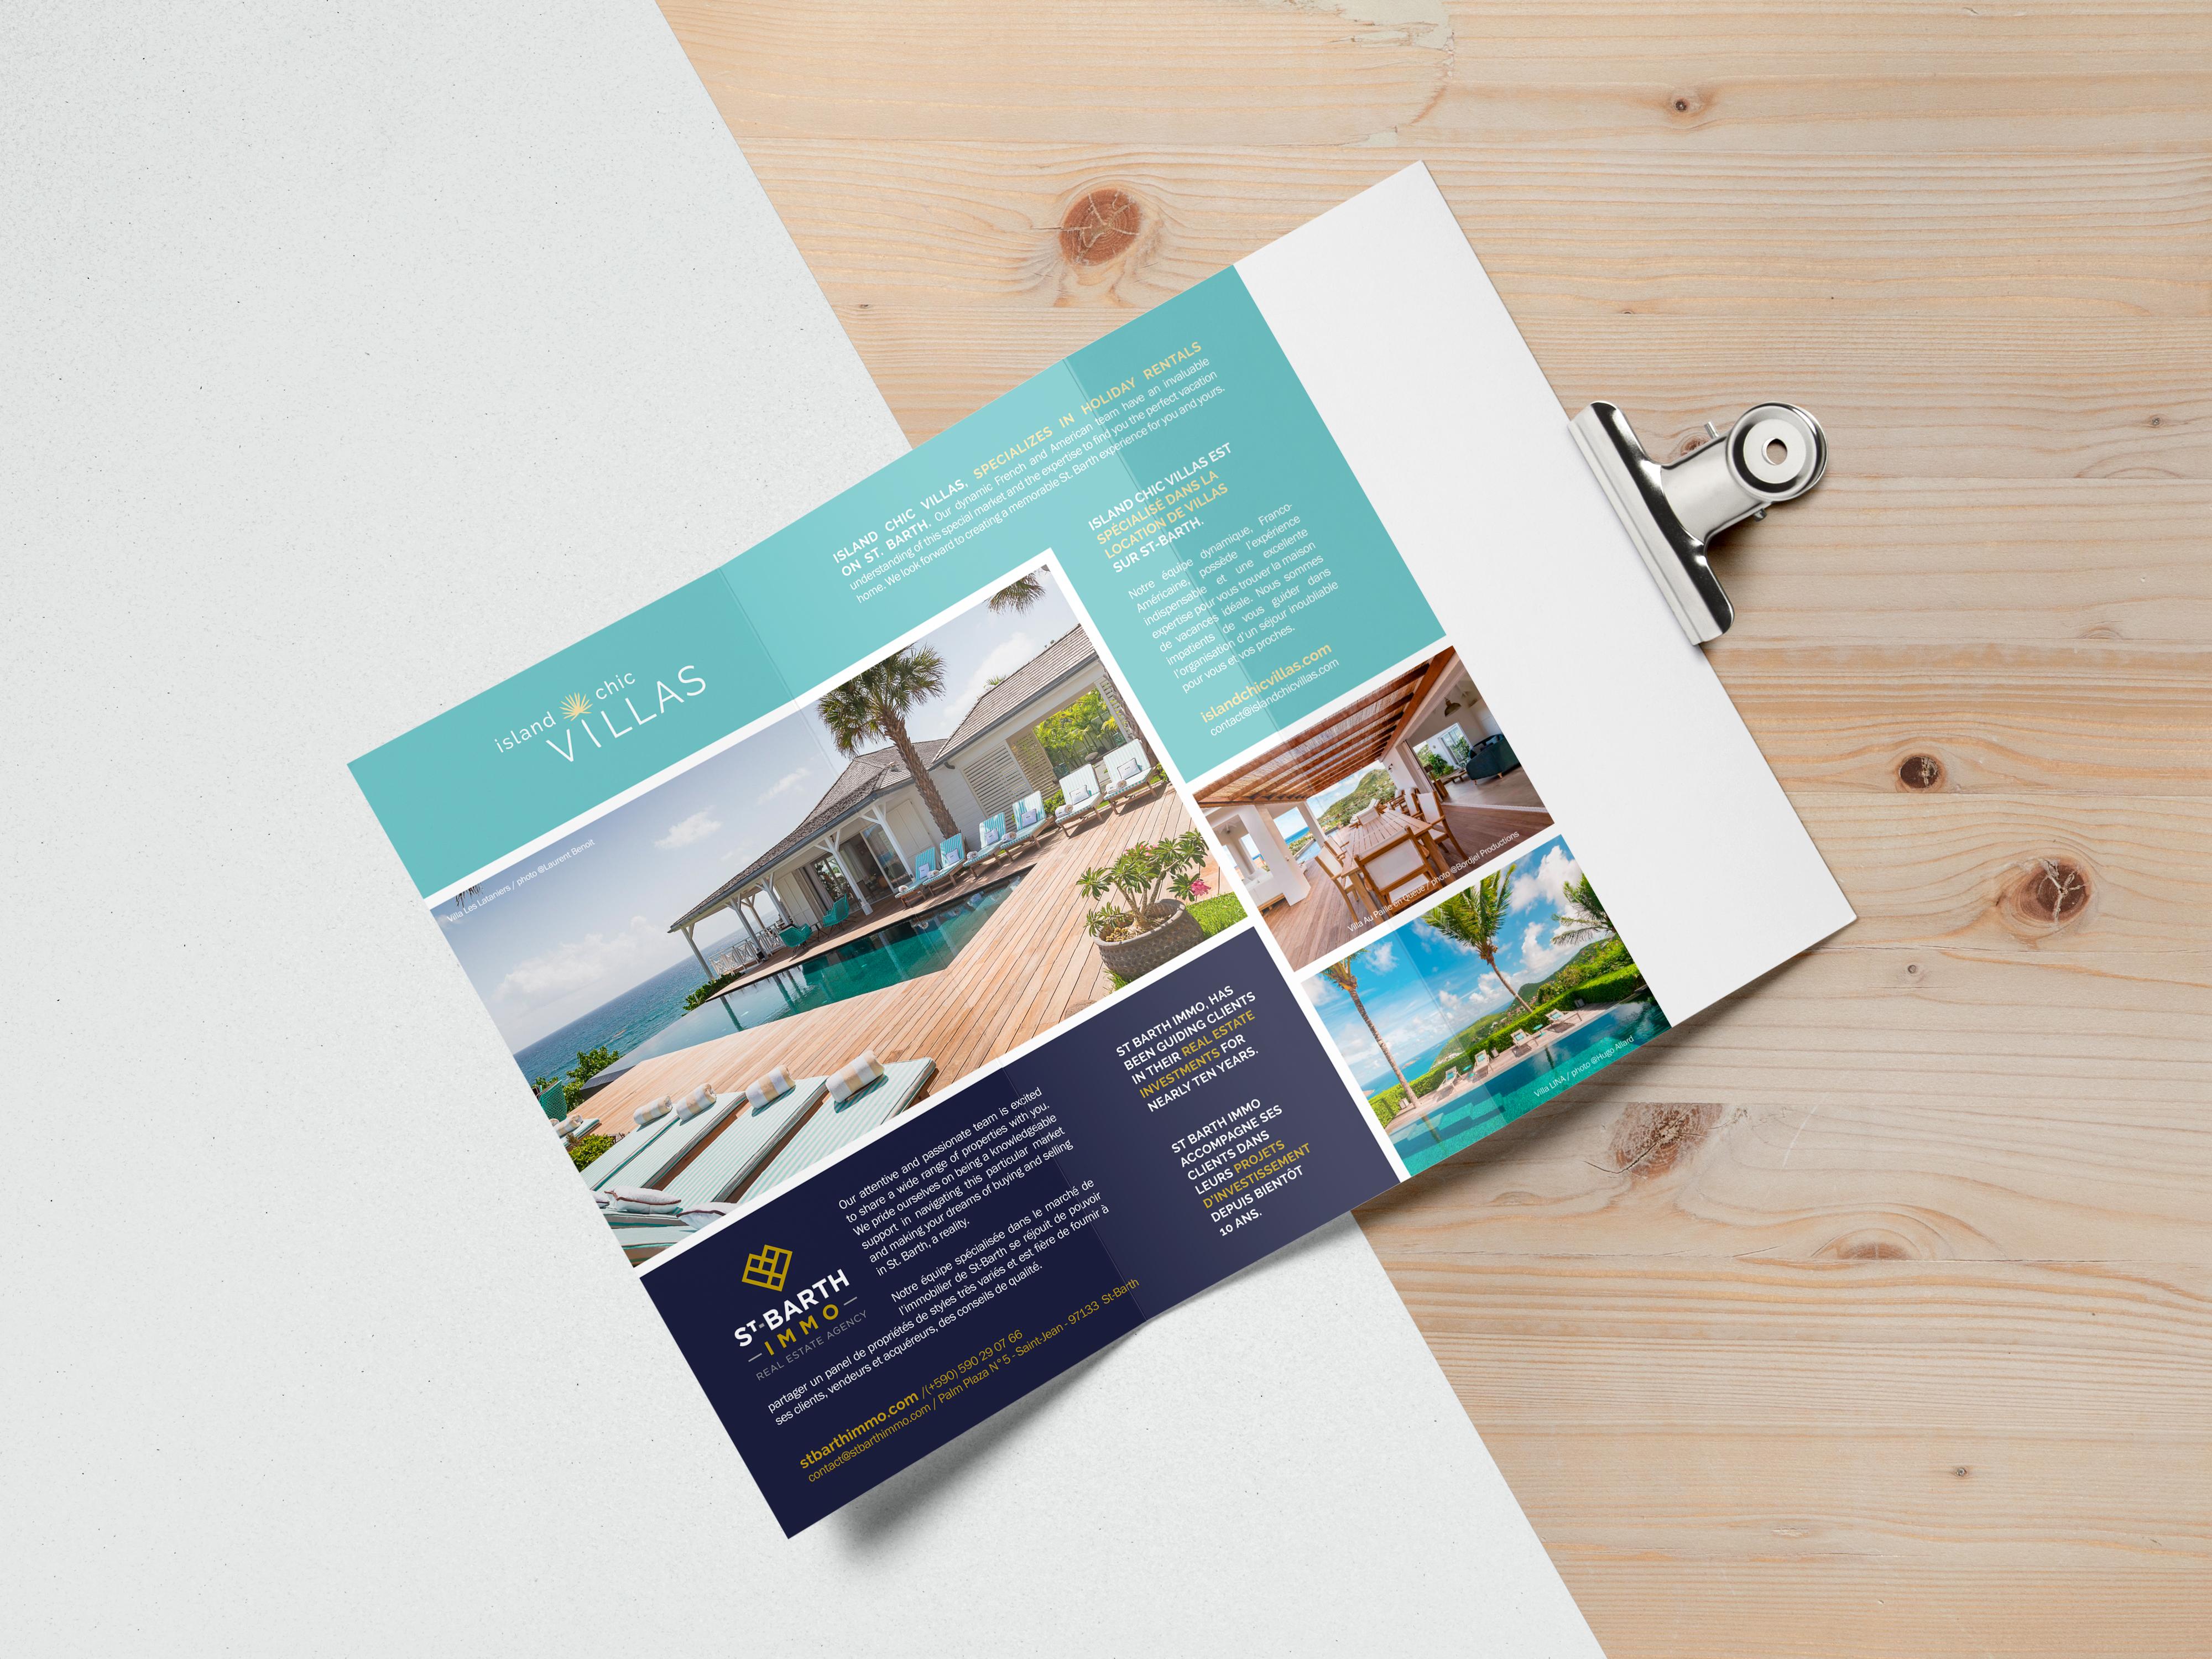 création graphique dépliant, brochure